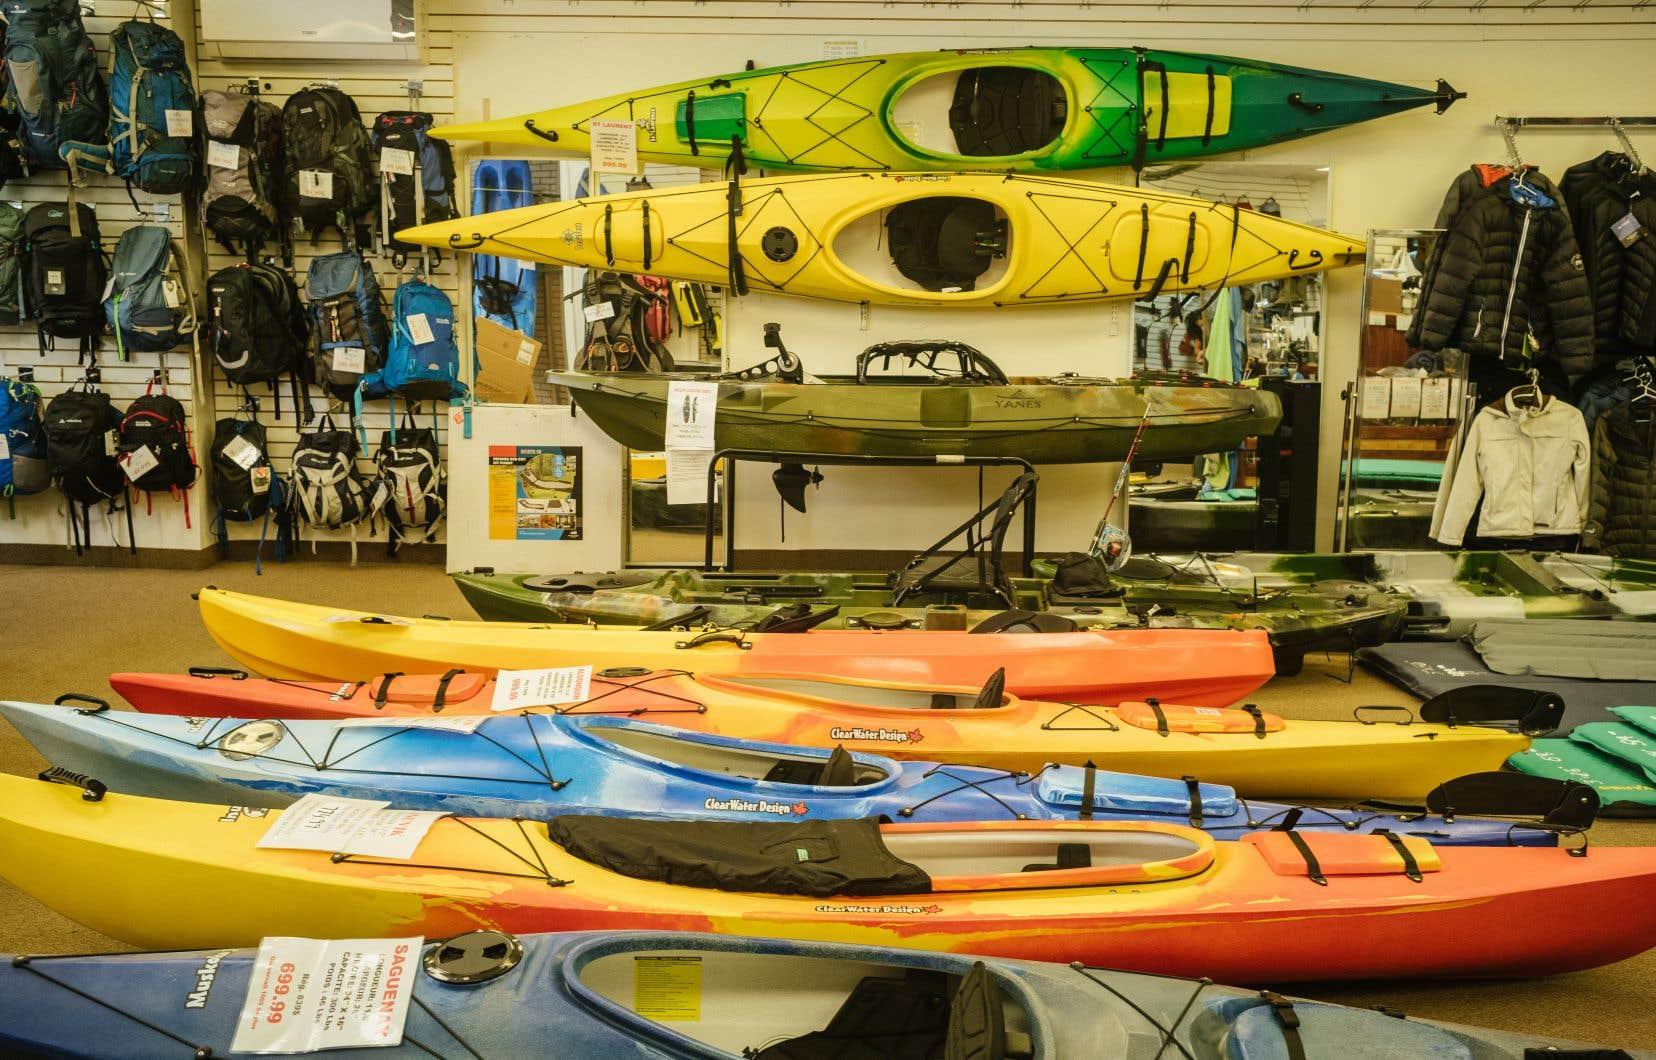 Le manque de marchandises a touché surtout les équipements de sports nautiques. Très peu de modèles de kayaks, de planches à pagaie et d'accessoires sont présentement disponibles dans les magasins de plein air, alors que la demande pour ces articles est plutôt forte.